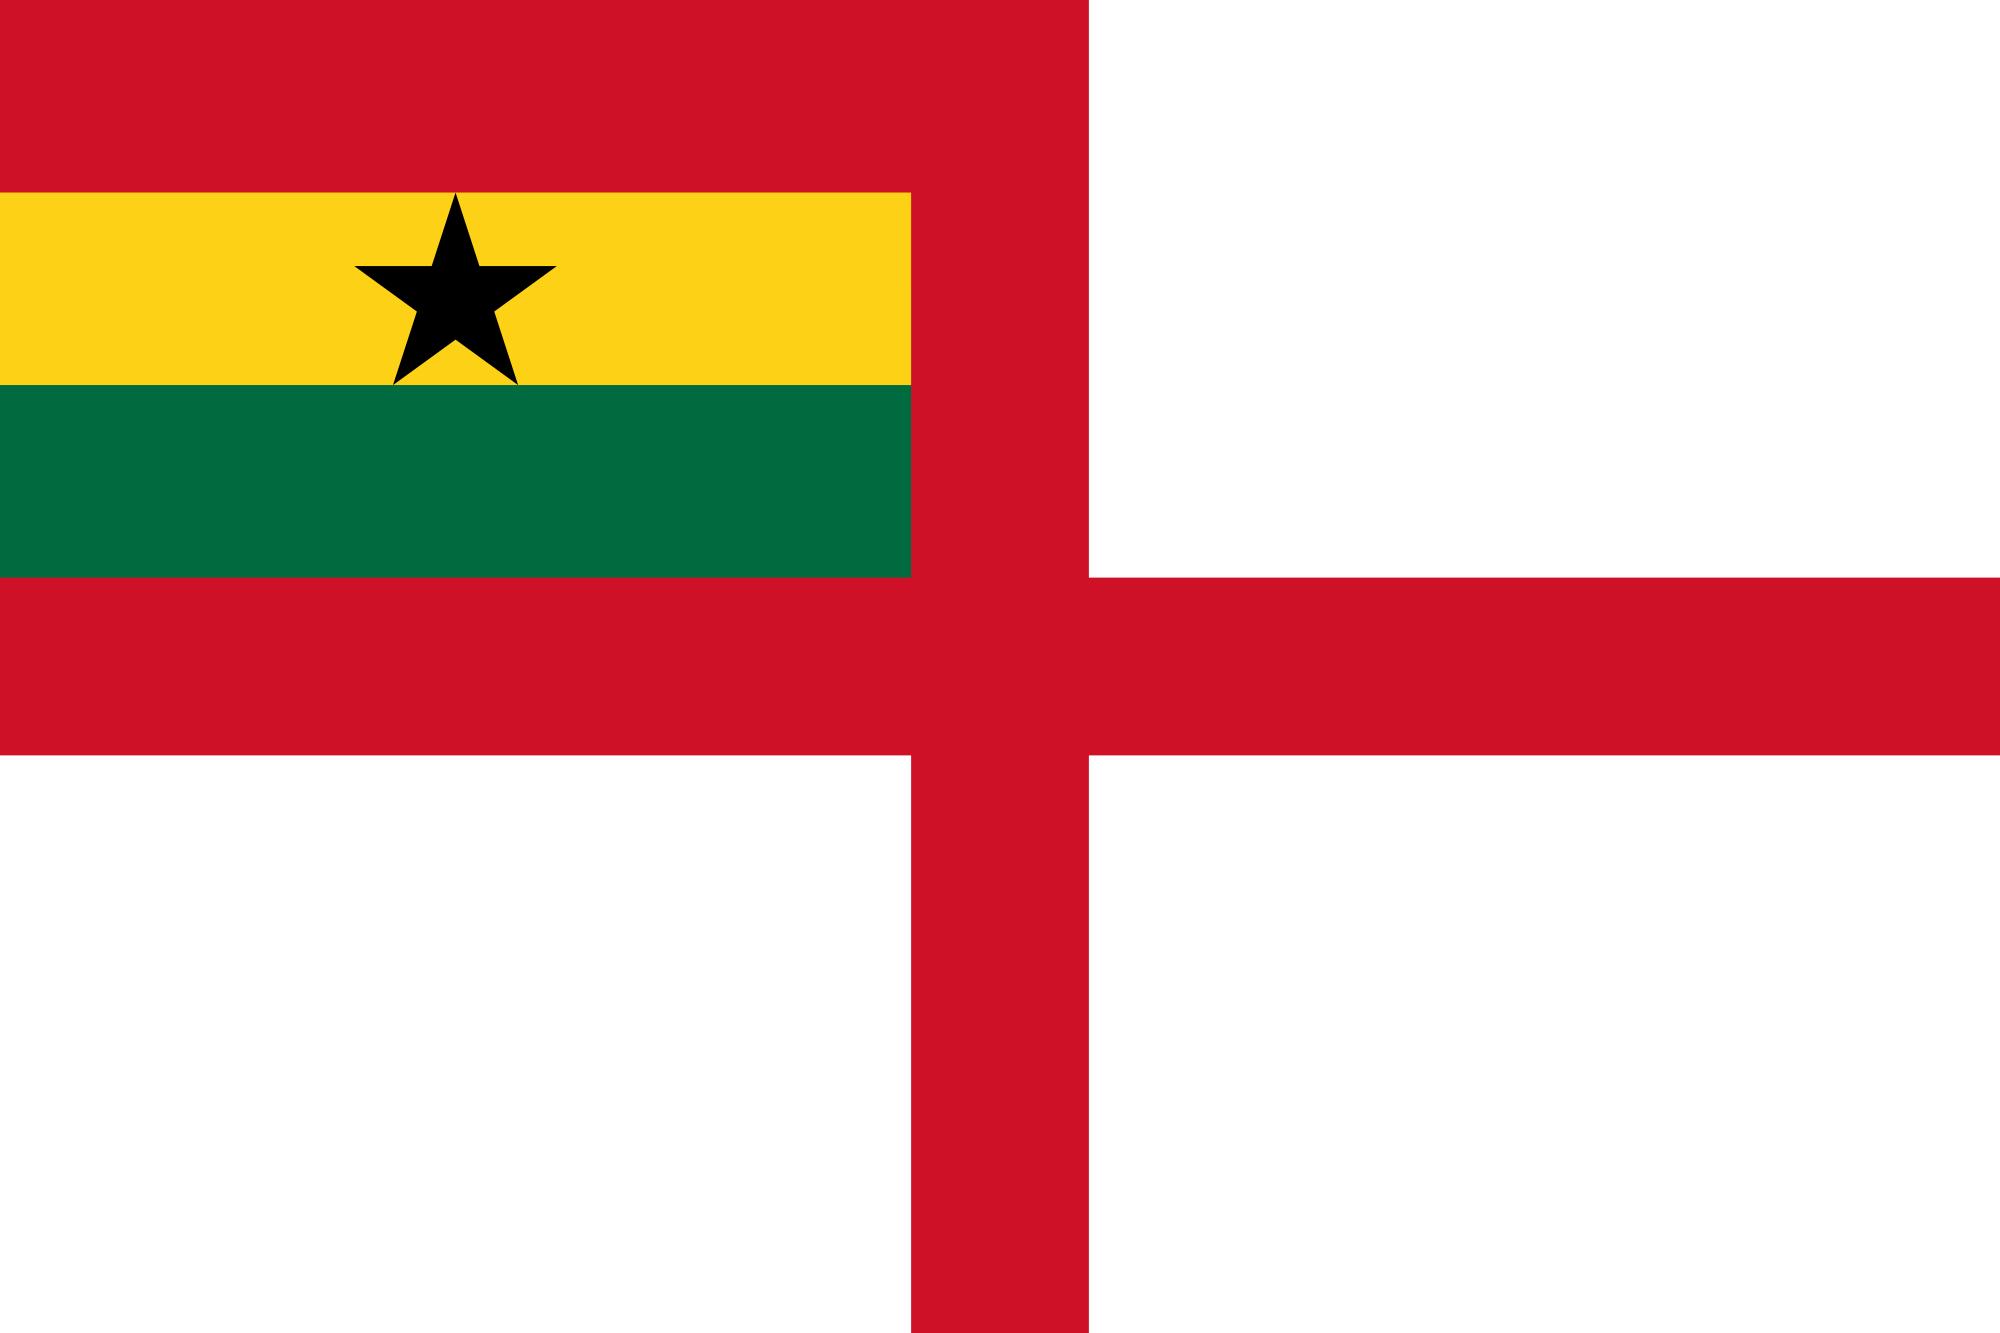 Ghana (Naval ensign)